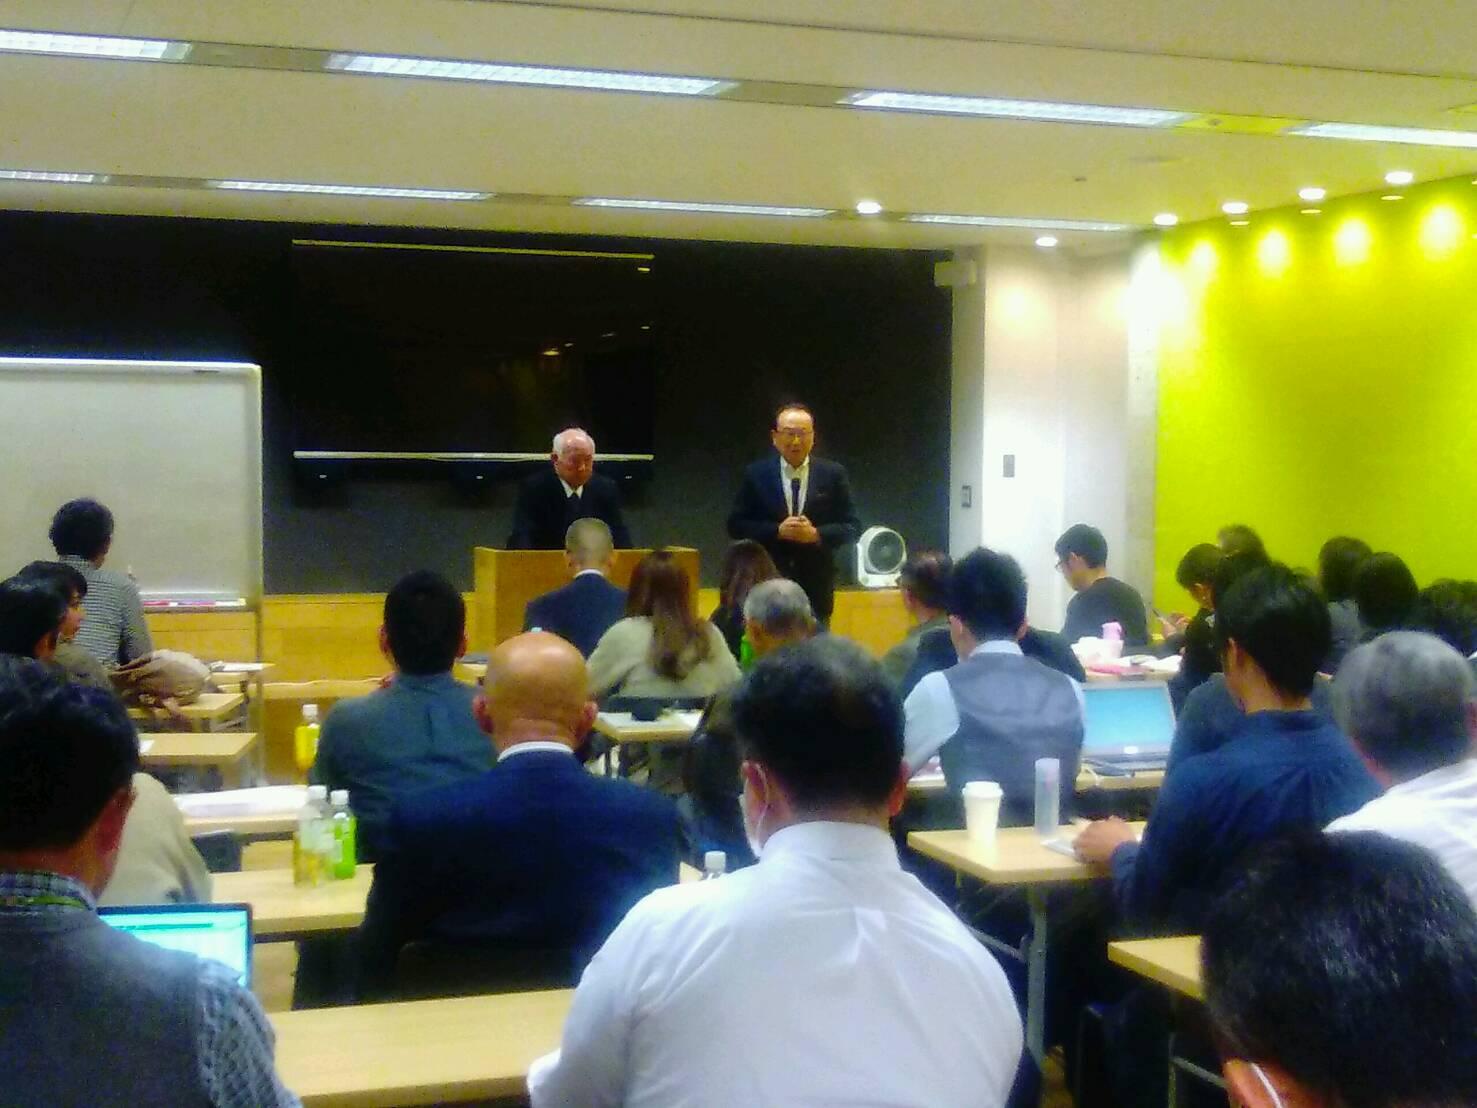 105843 - 2019年2月2日(土)第1回東京思風塾「第二の黎明期を作る問いとは」をテーマに開催